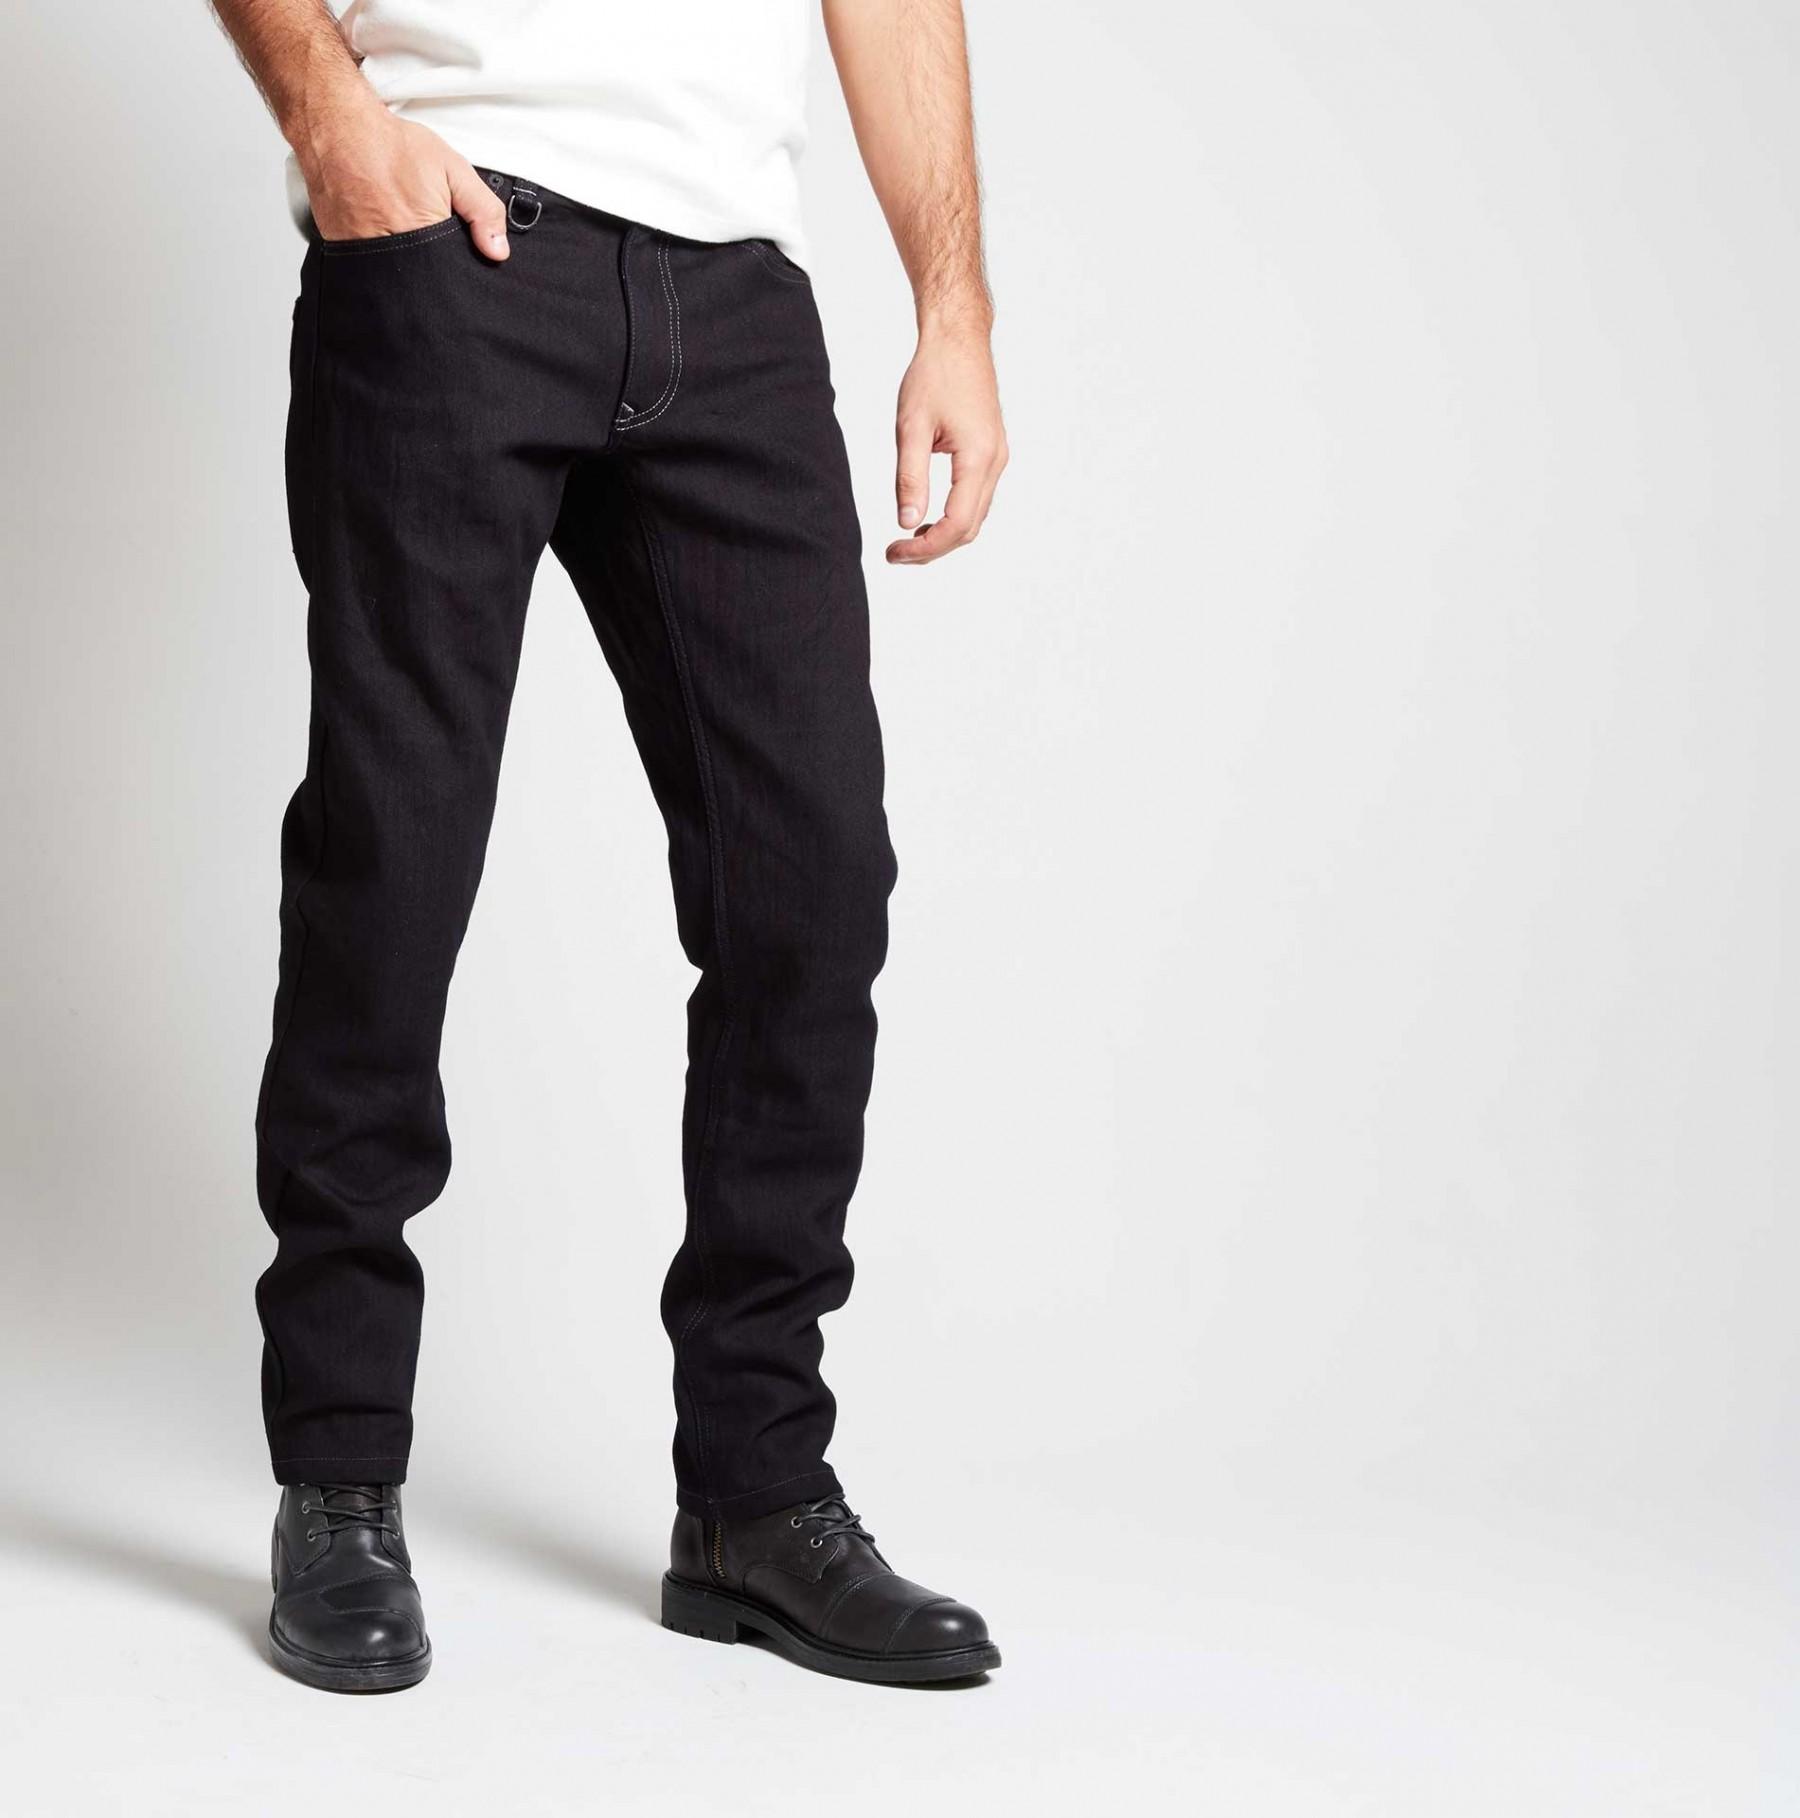 Jeans da moto Spidi con protezioni J&DYNEEMA EVO Nero 1